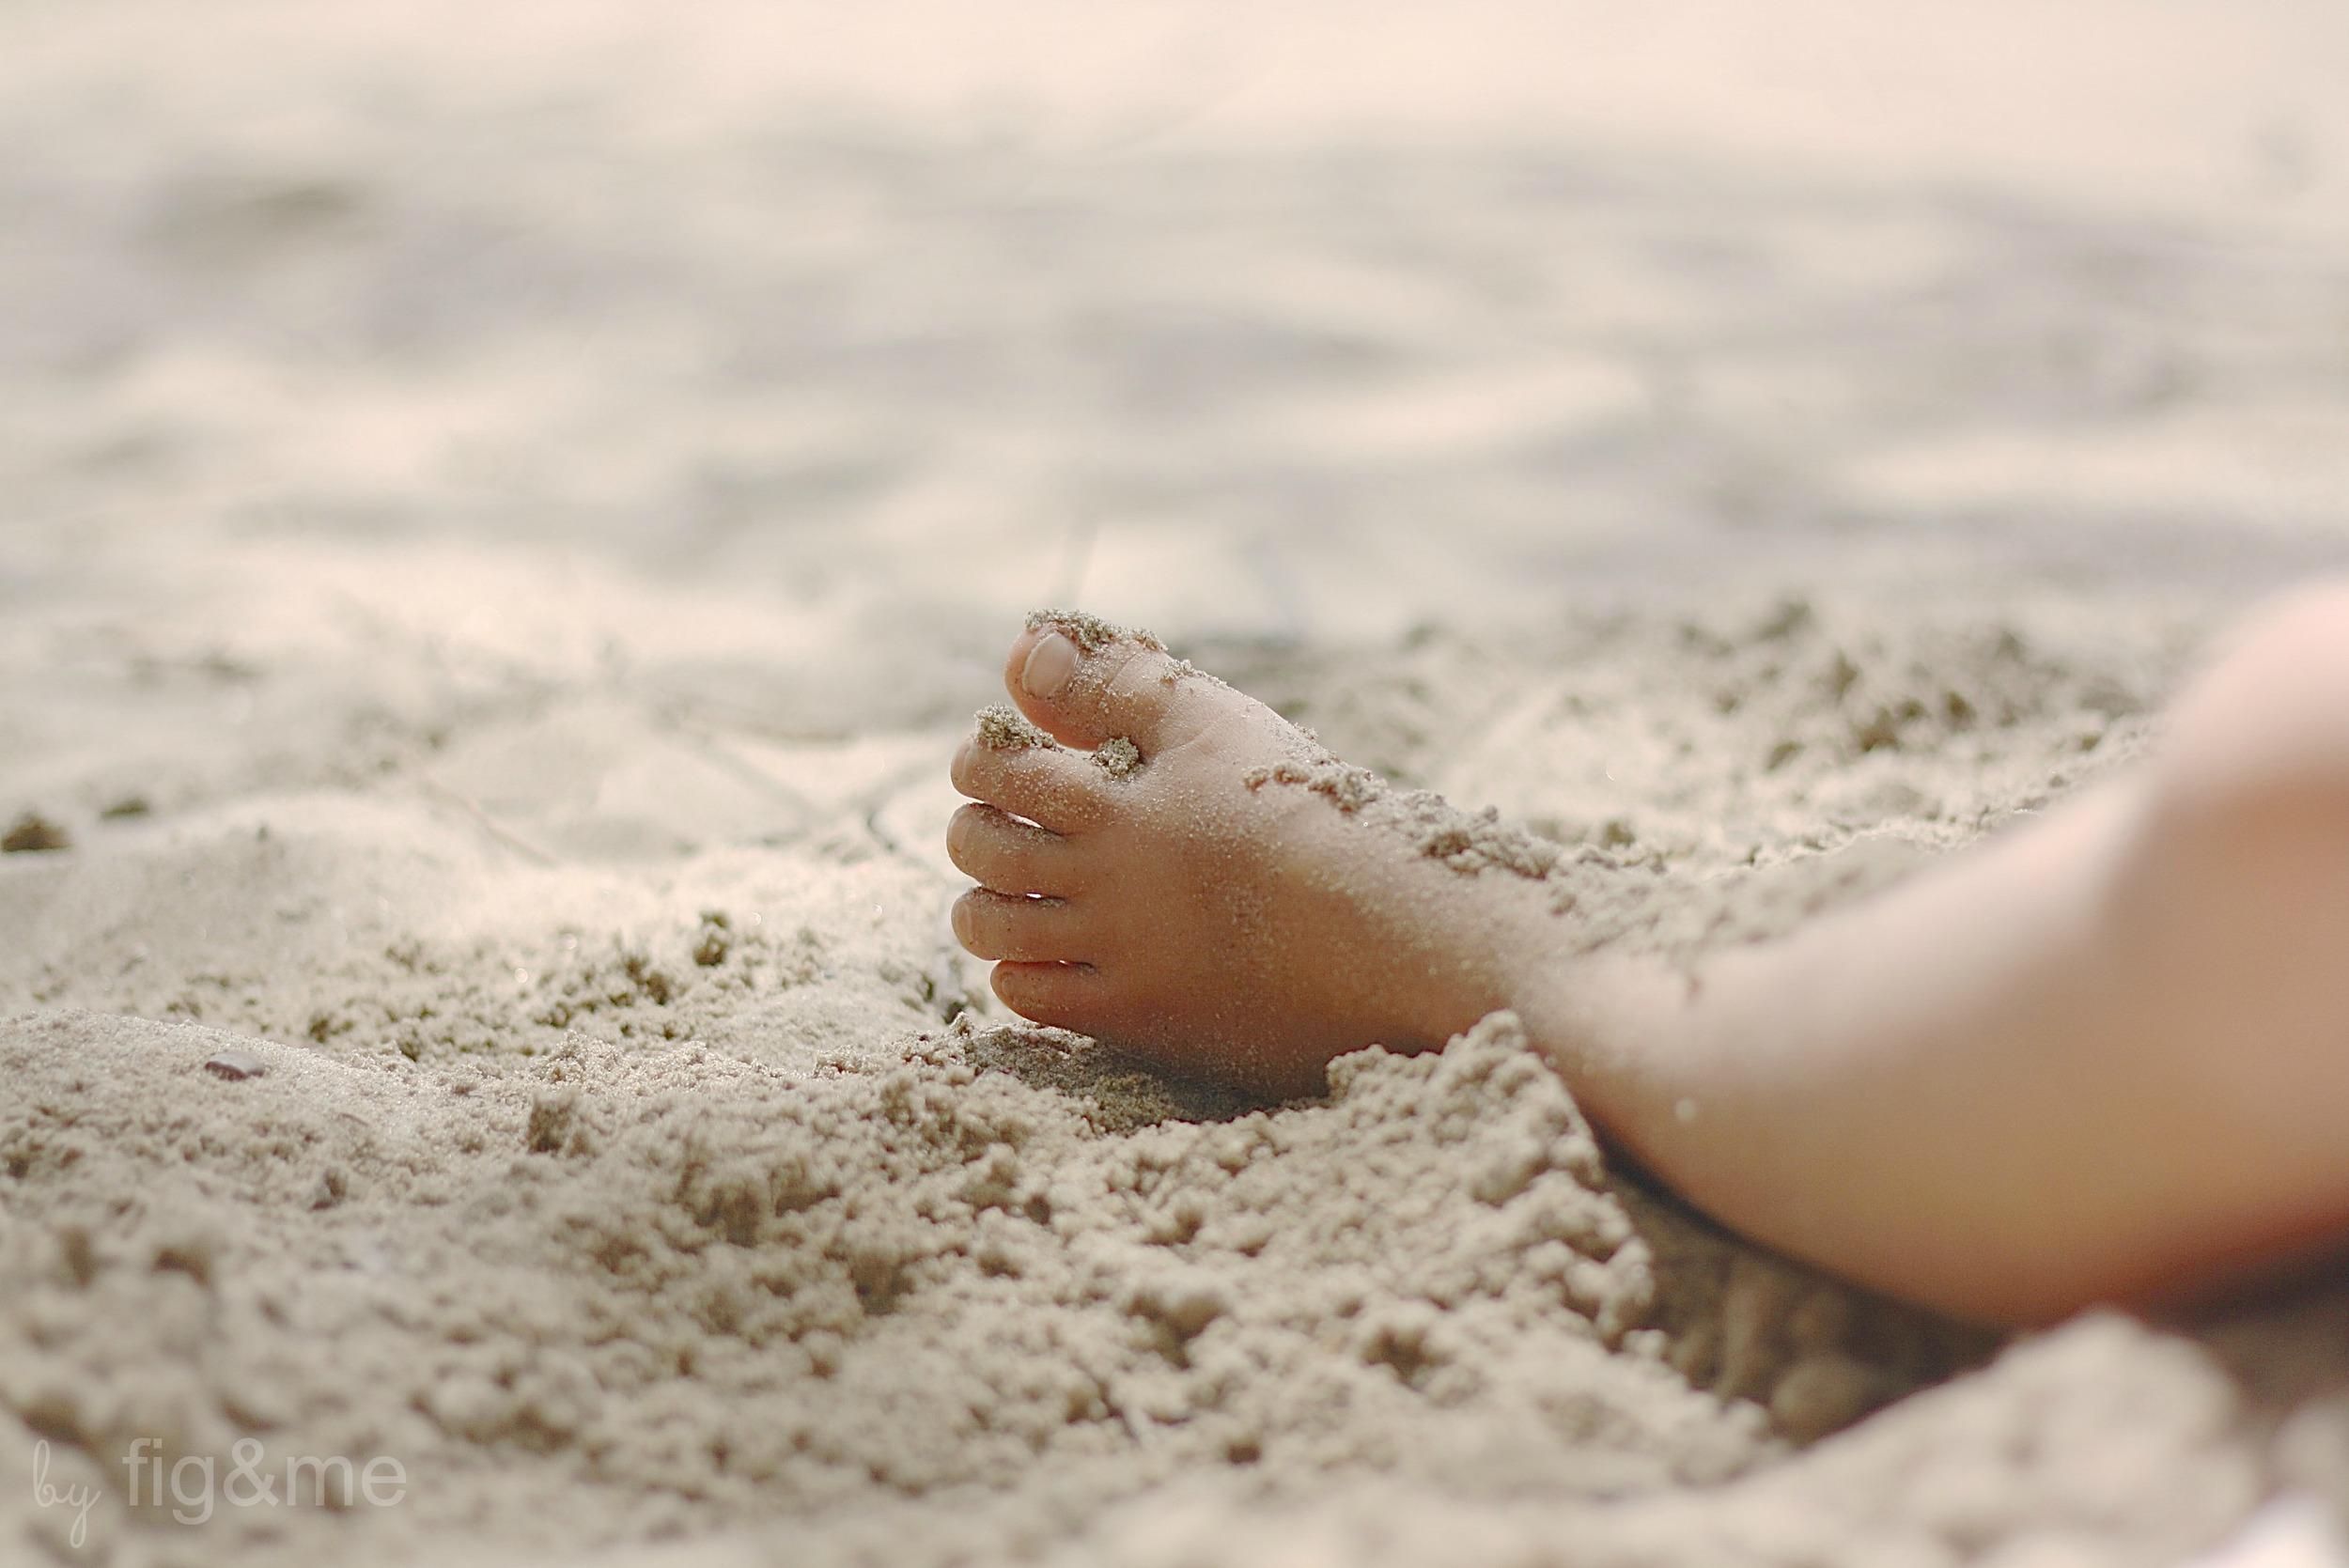 her-foot-figandme.jpg